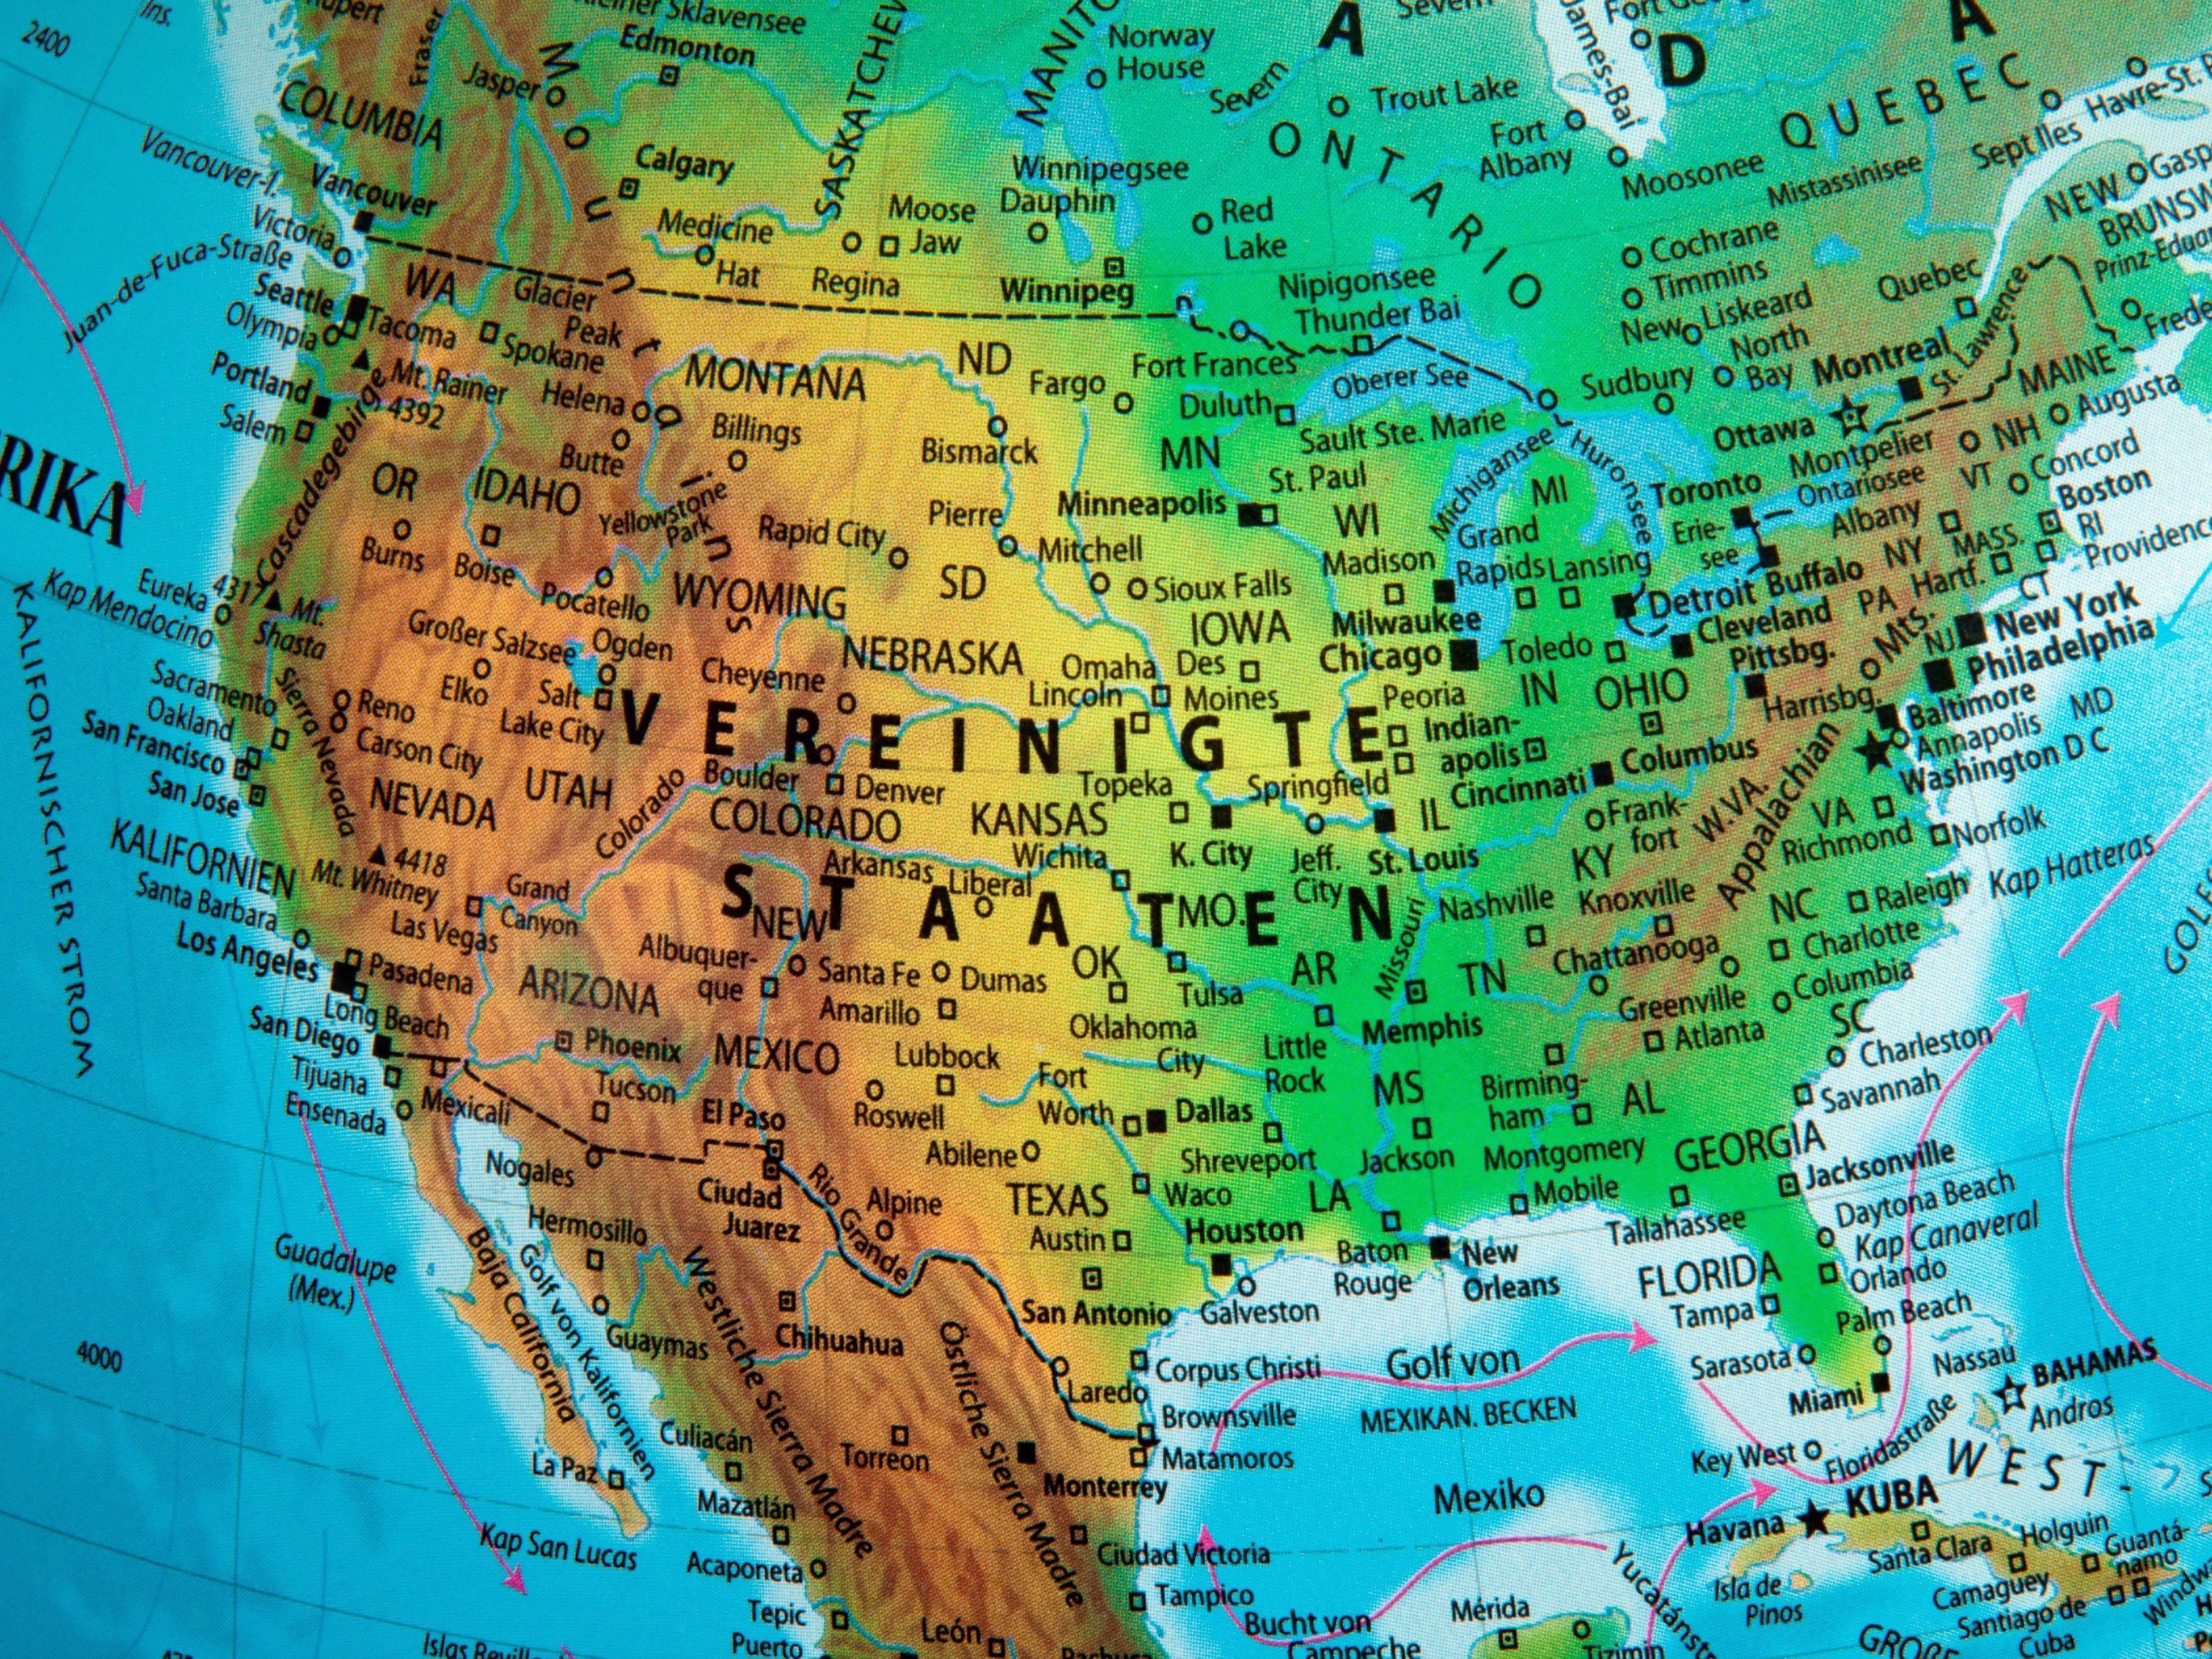 Die Reiseziele des Kanadiers strecken sich von Amerika über Europa bis nach Asien